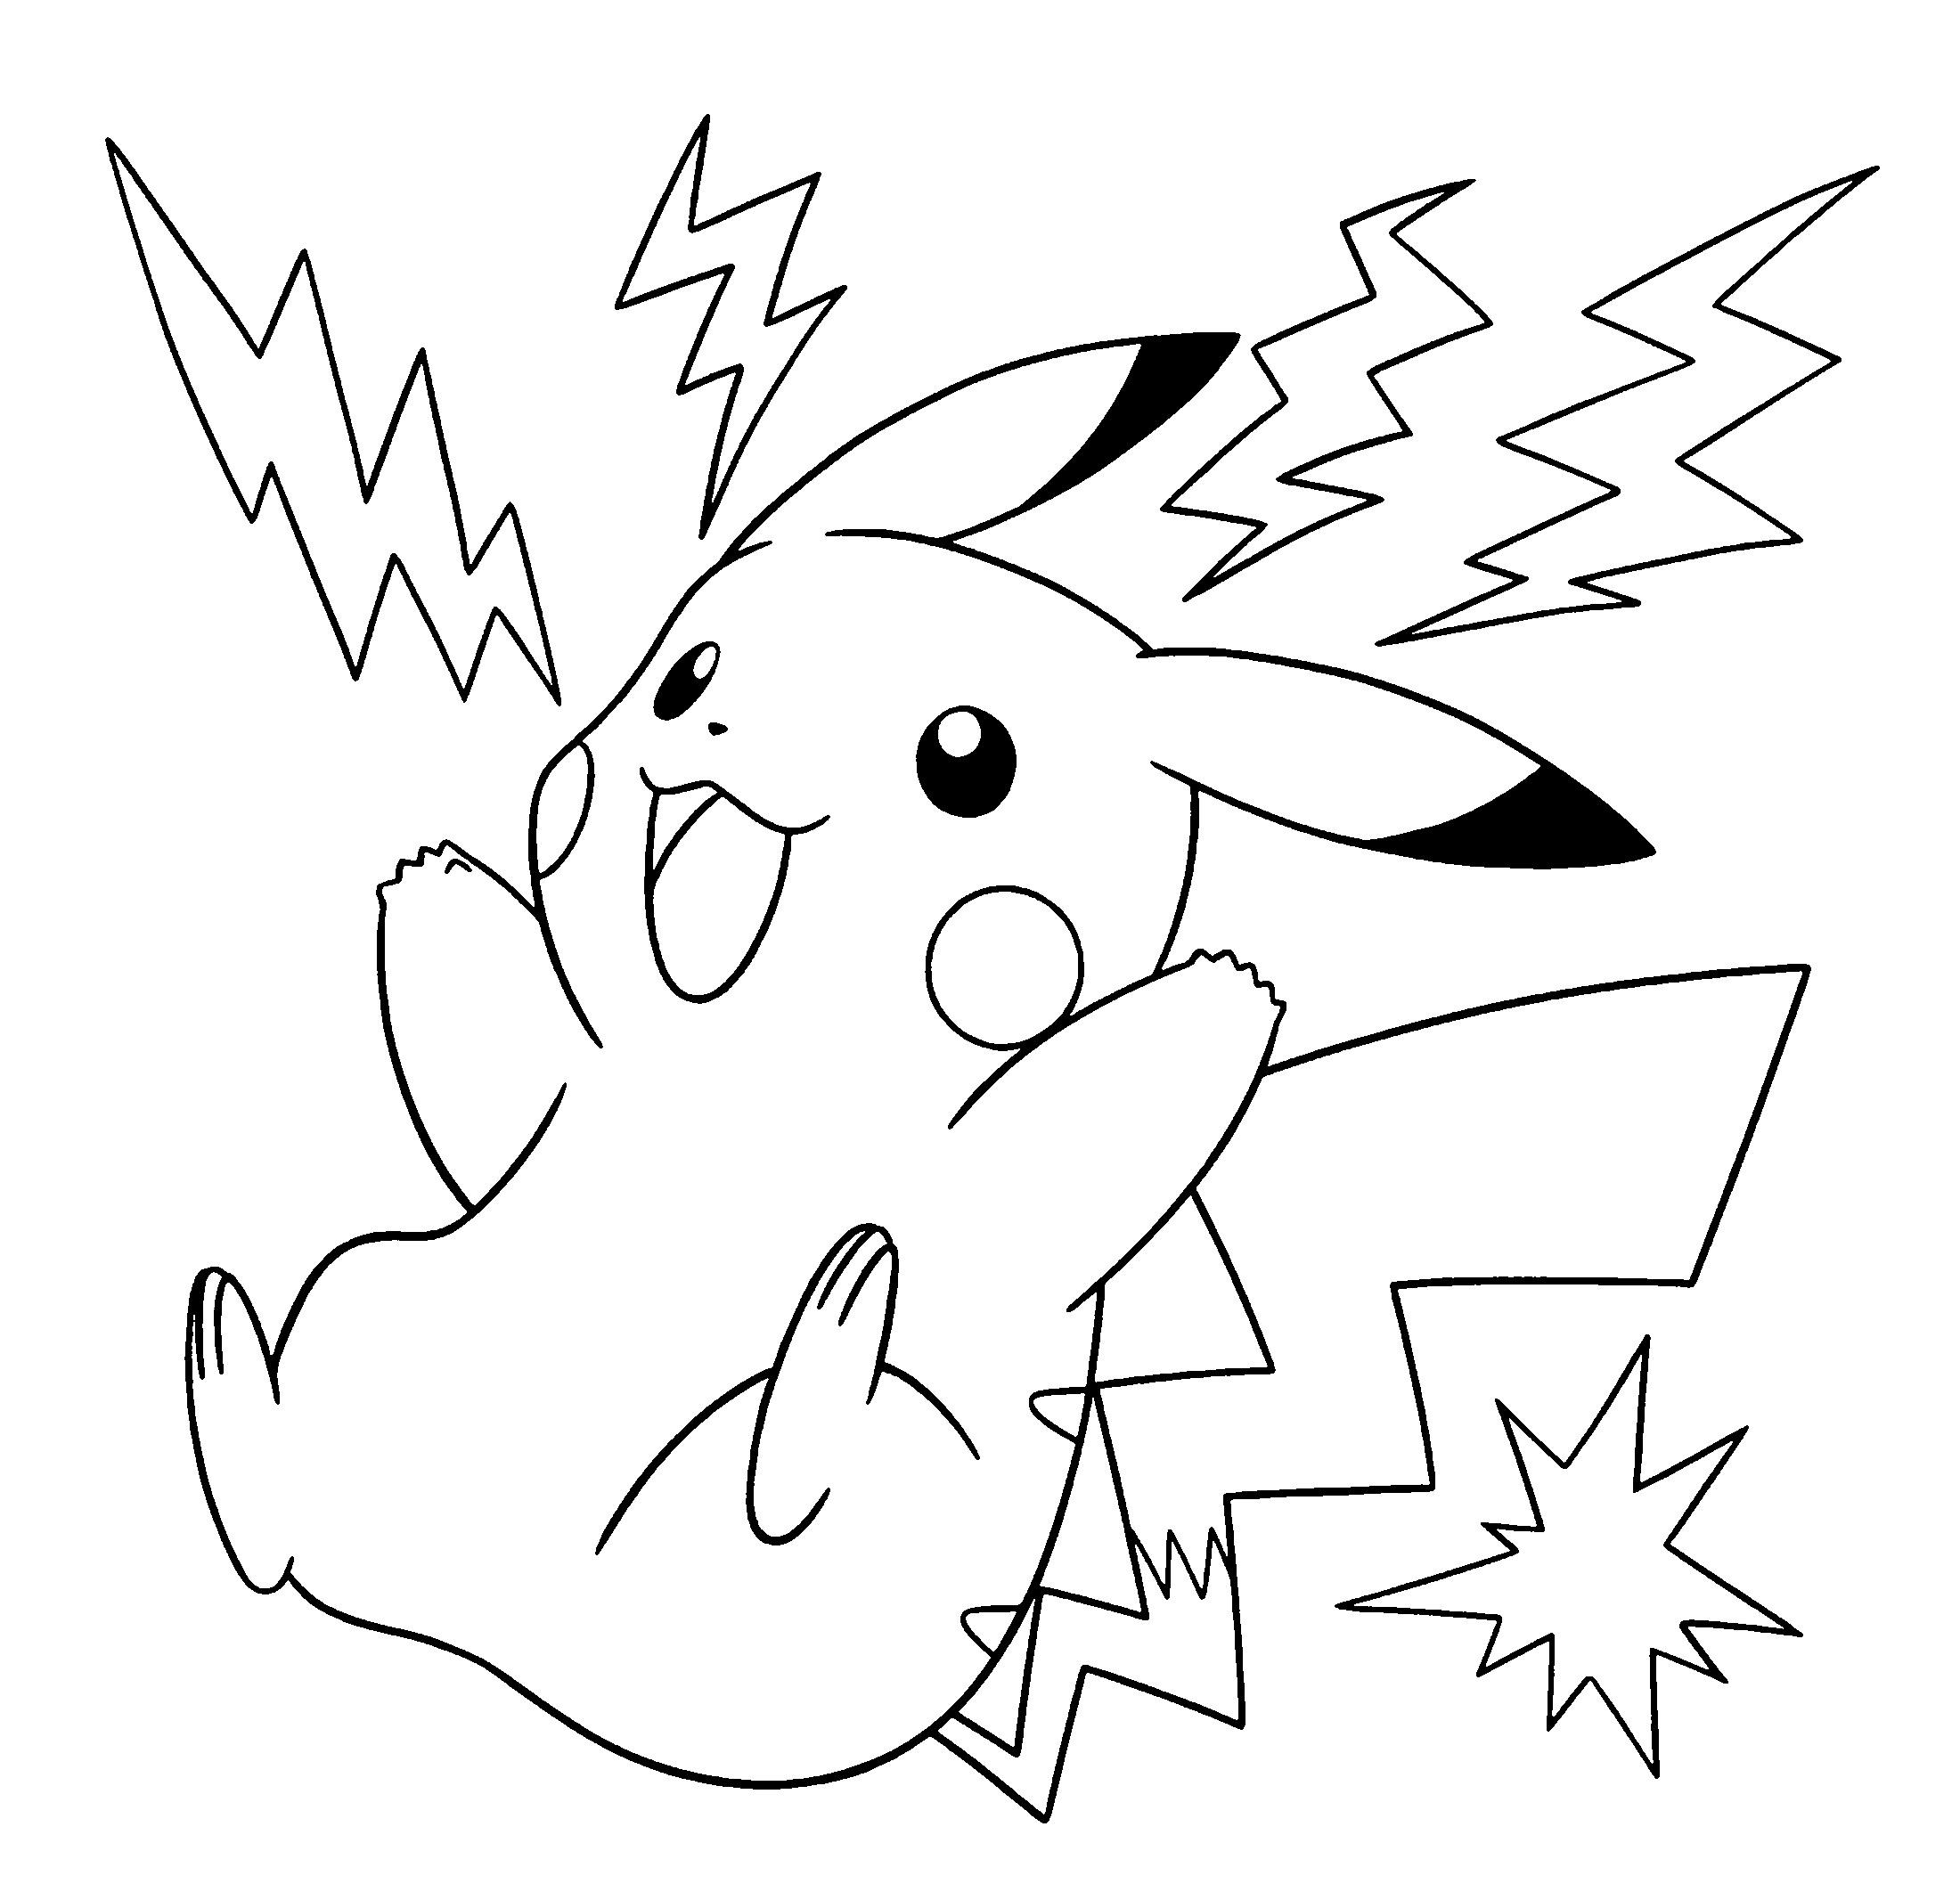 Tranh tô màu pikachu đen trắng